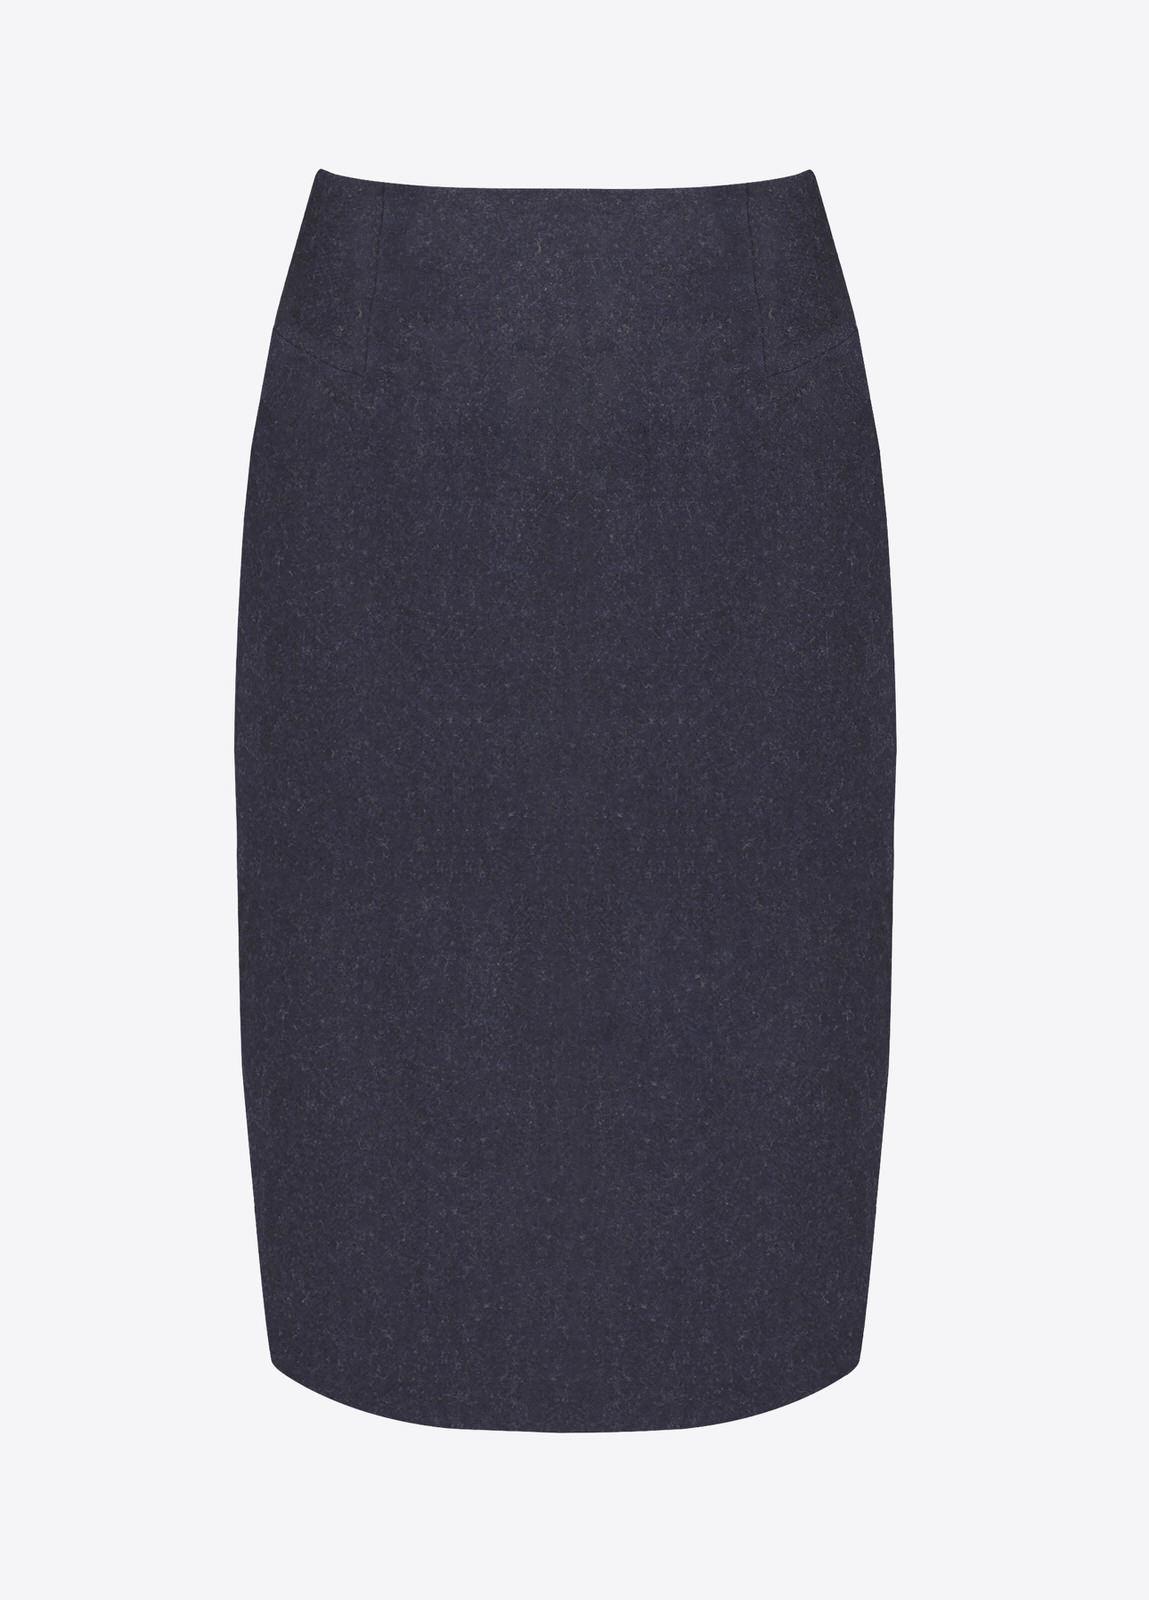 Fern Tweed Skirt - Navy